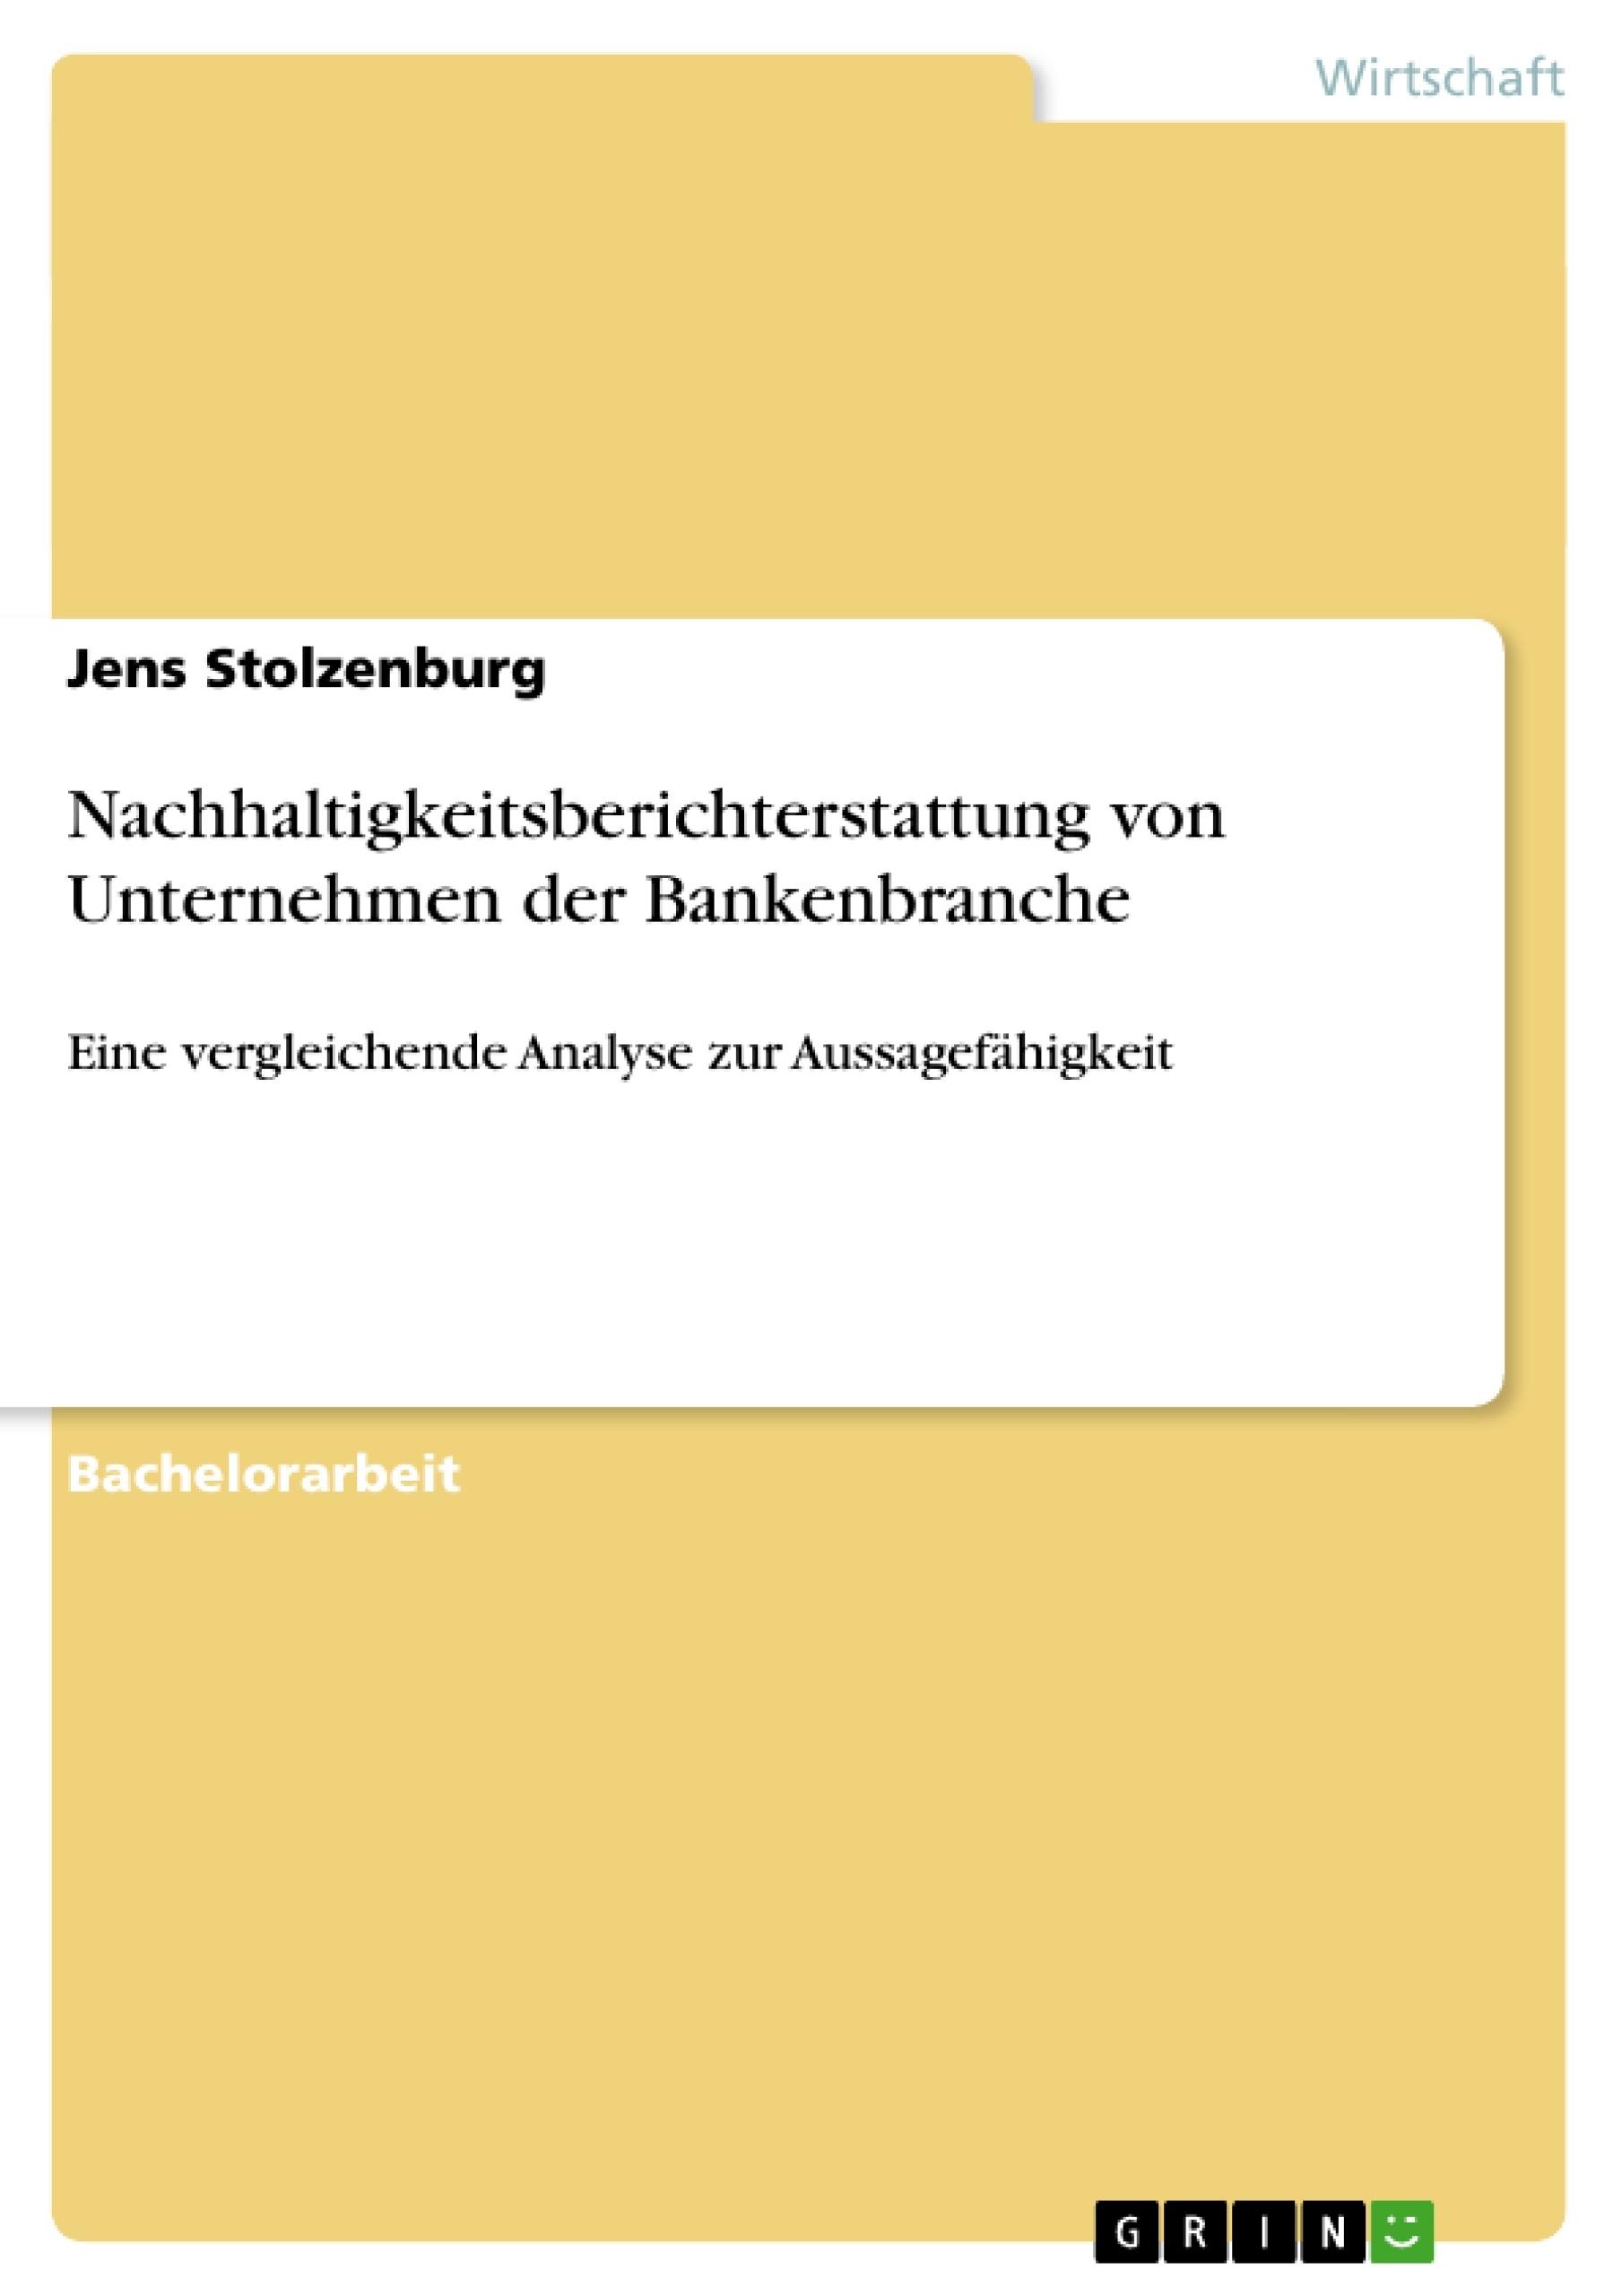 Titel: Nachhaltigkeitsberichterstattung von Unternehmen der Bankenbranche